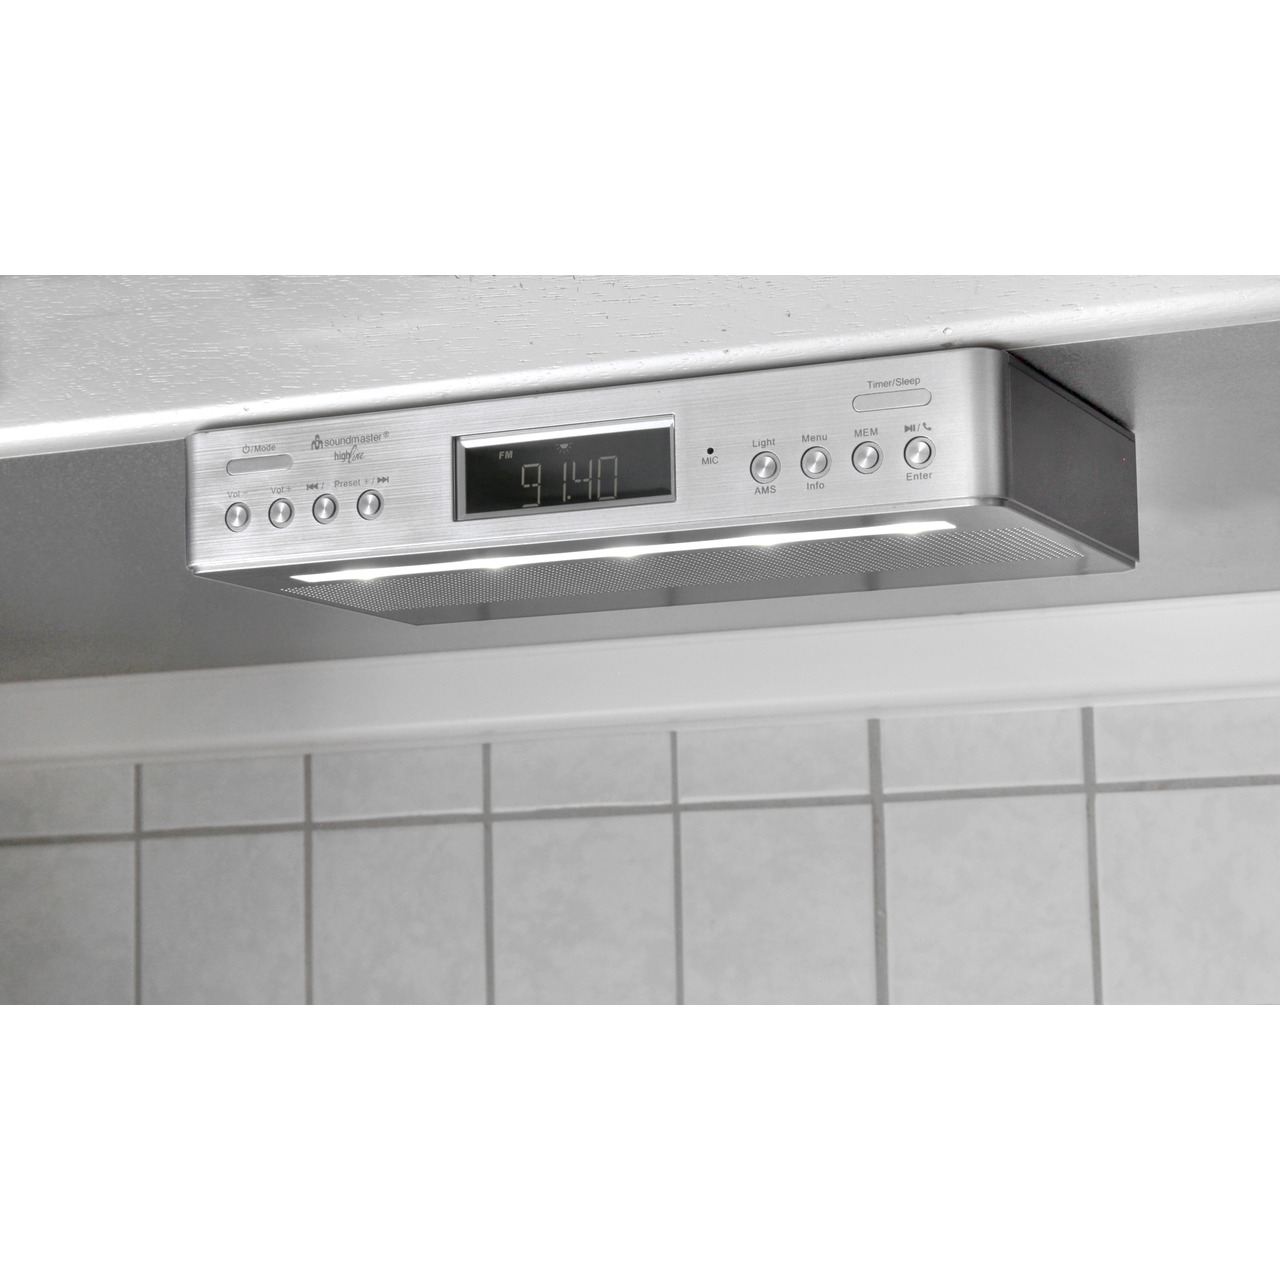 Soundmaster Kund-252 chen-Unterbauradio UR2045 SI- UKW-DAB+- mit Bluetooth-Funktion und Kund-252 chentimer